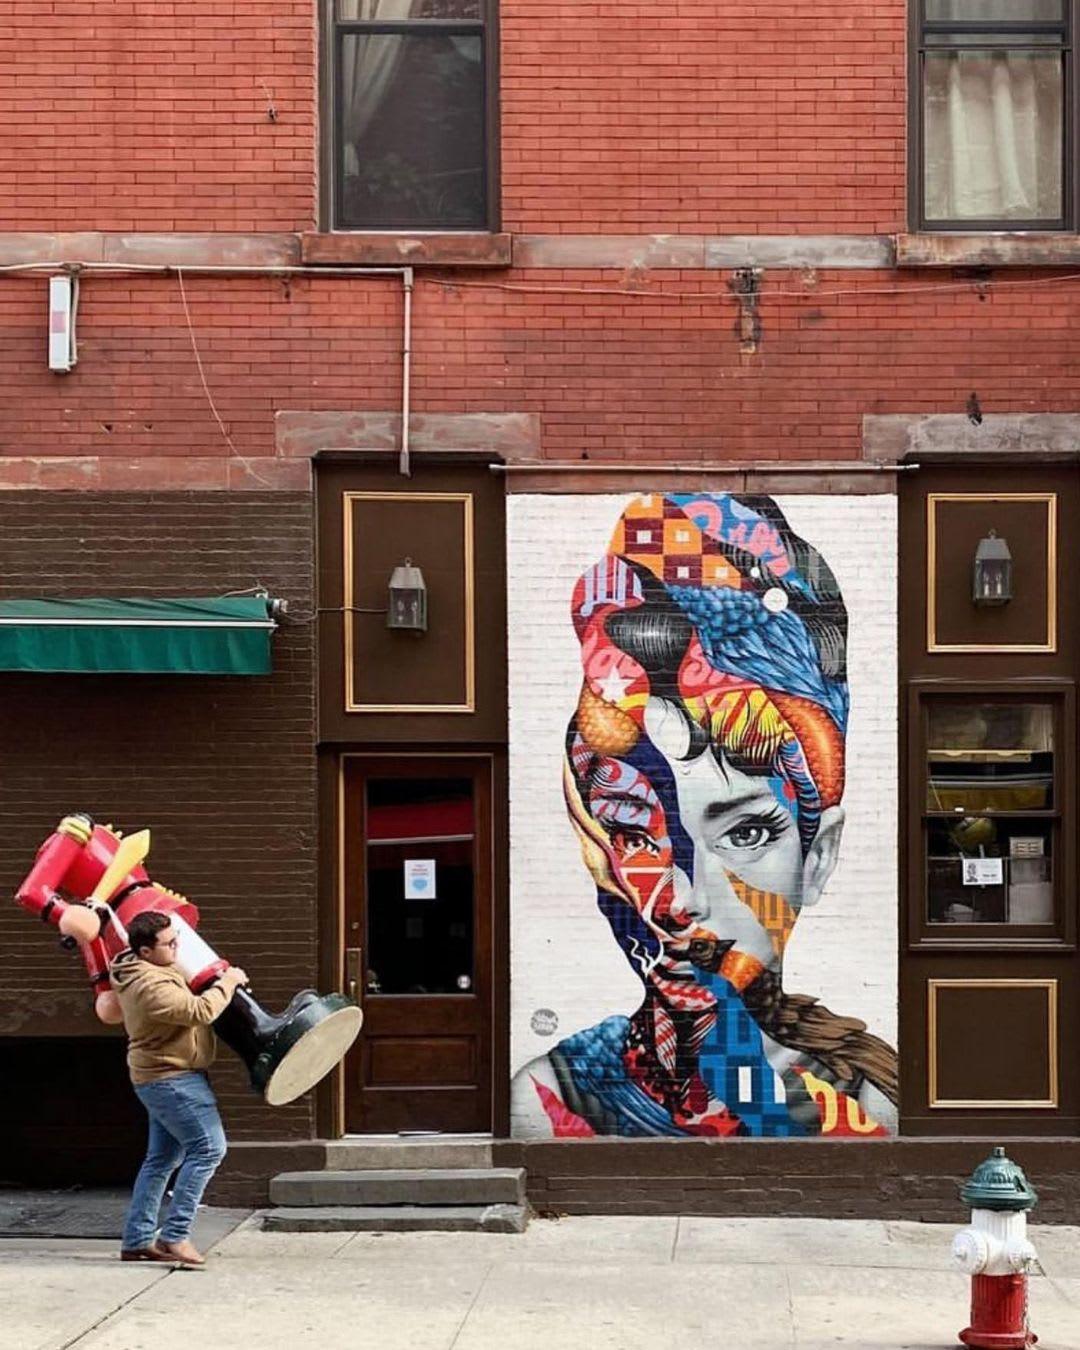 Œuvre Par Tristan Eaton à New York